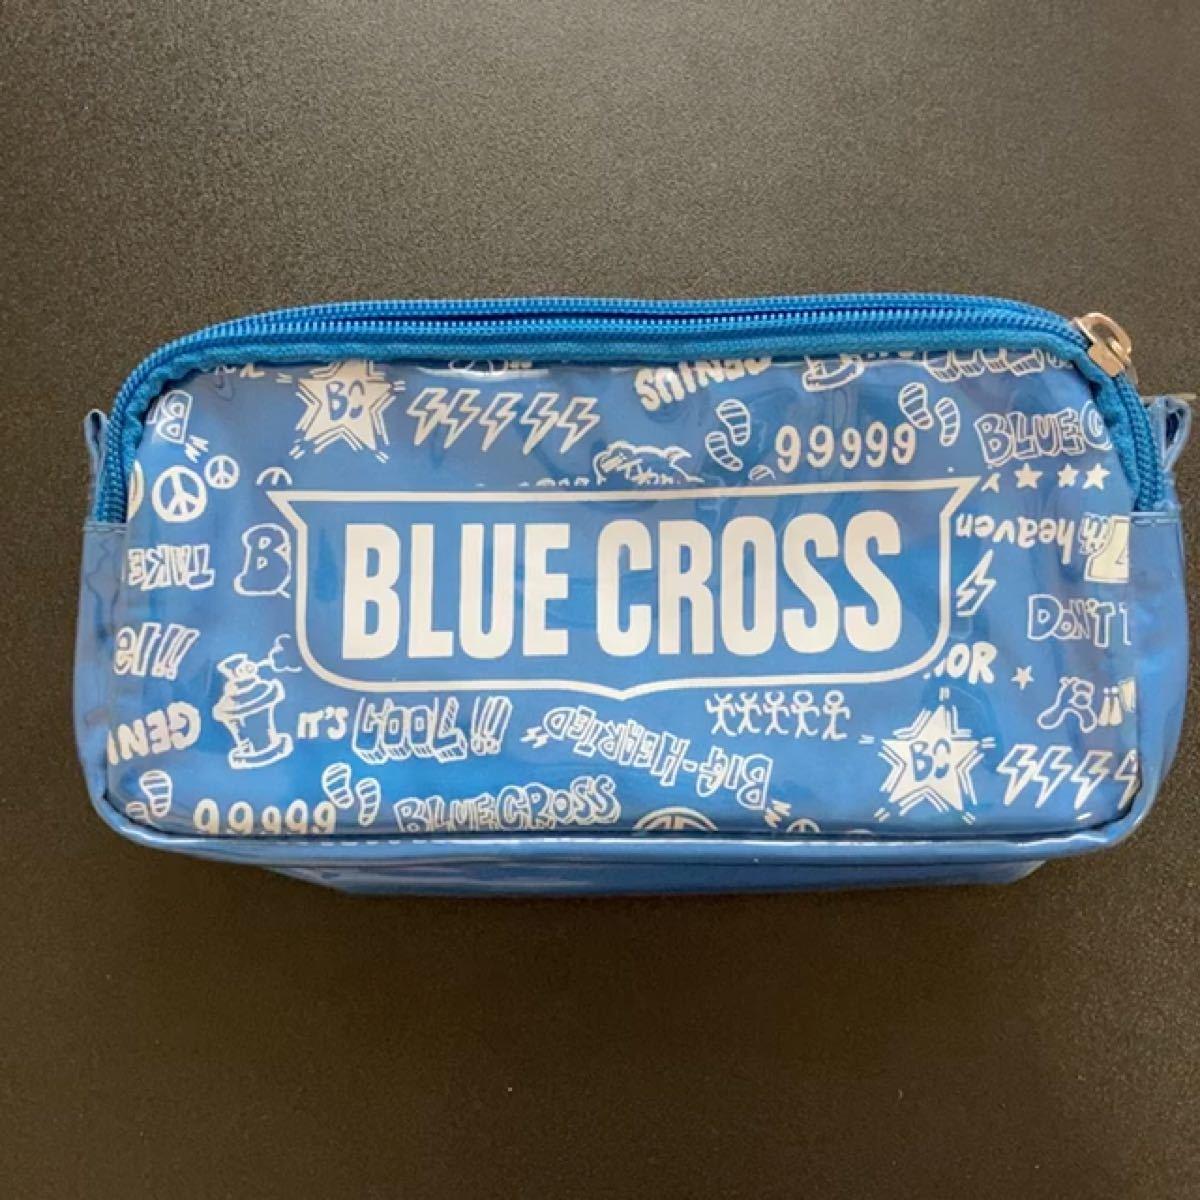 限定品! BLUE CROSS  青 ペンケース おまけでクルトガのシャーペン付き 文具 筆箱 筆記用具